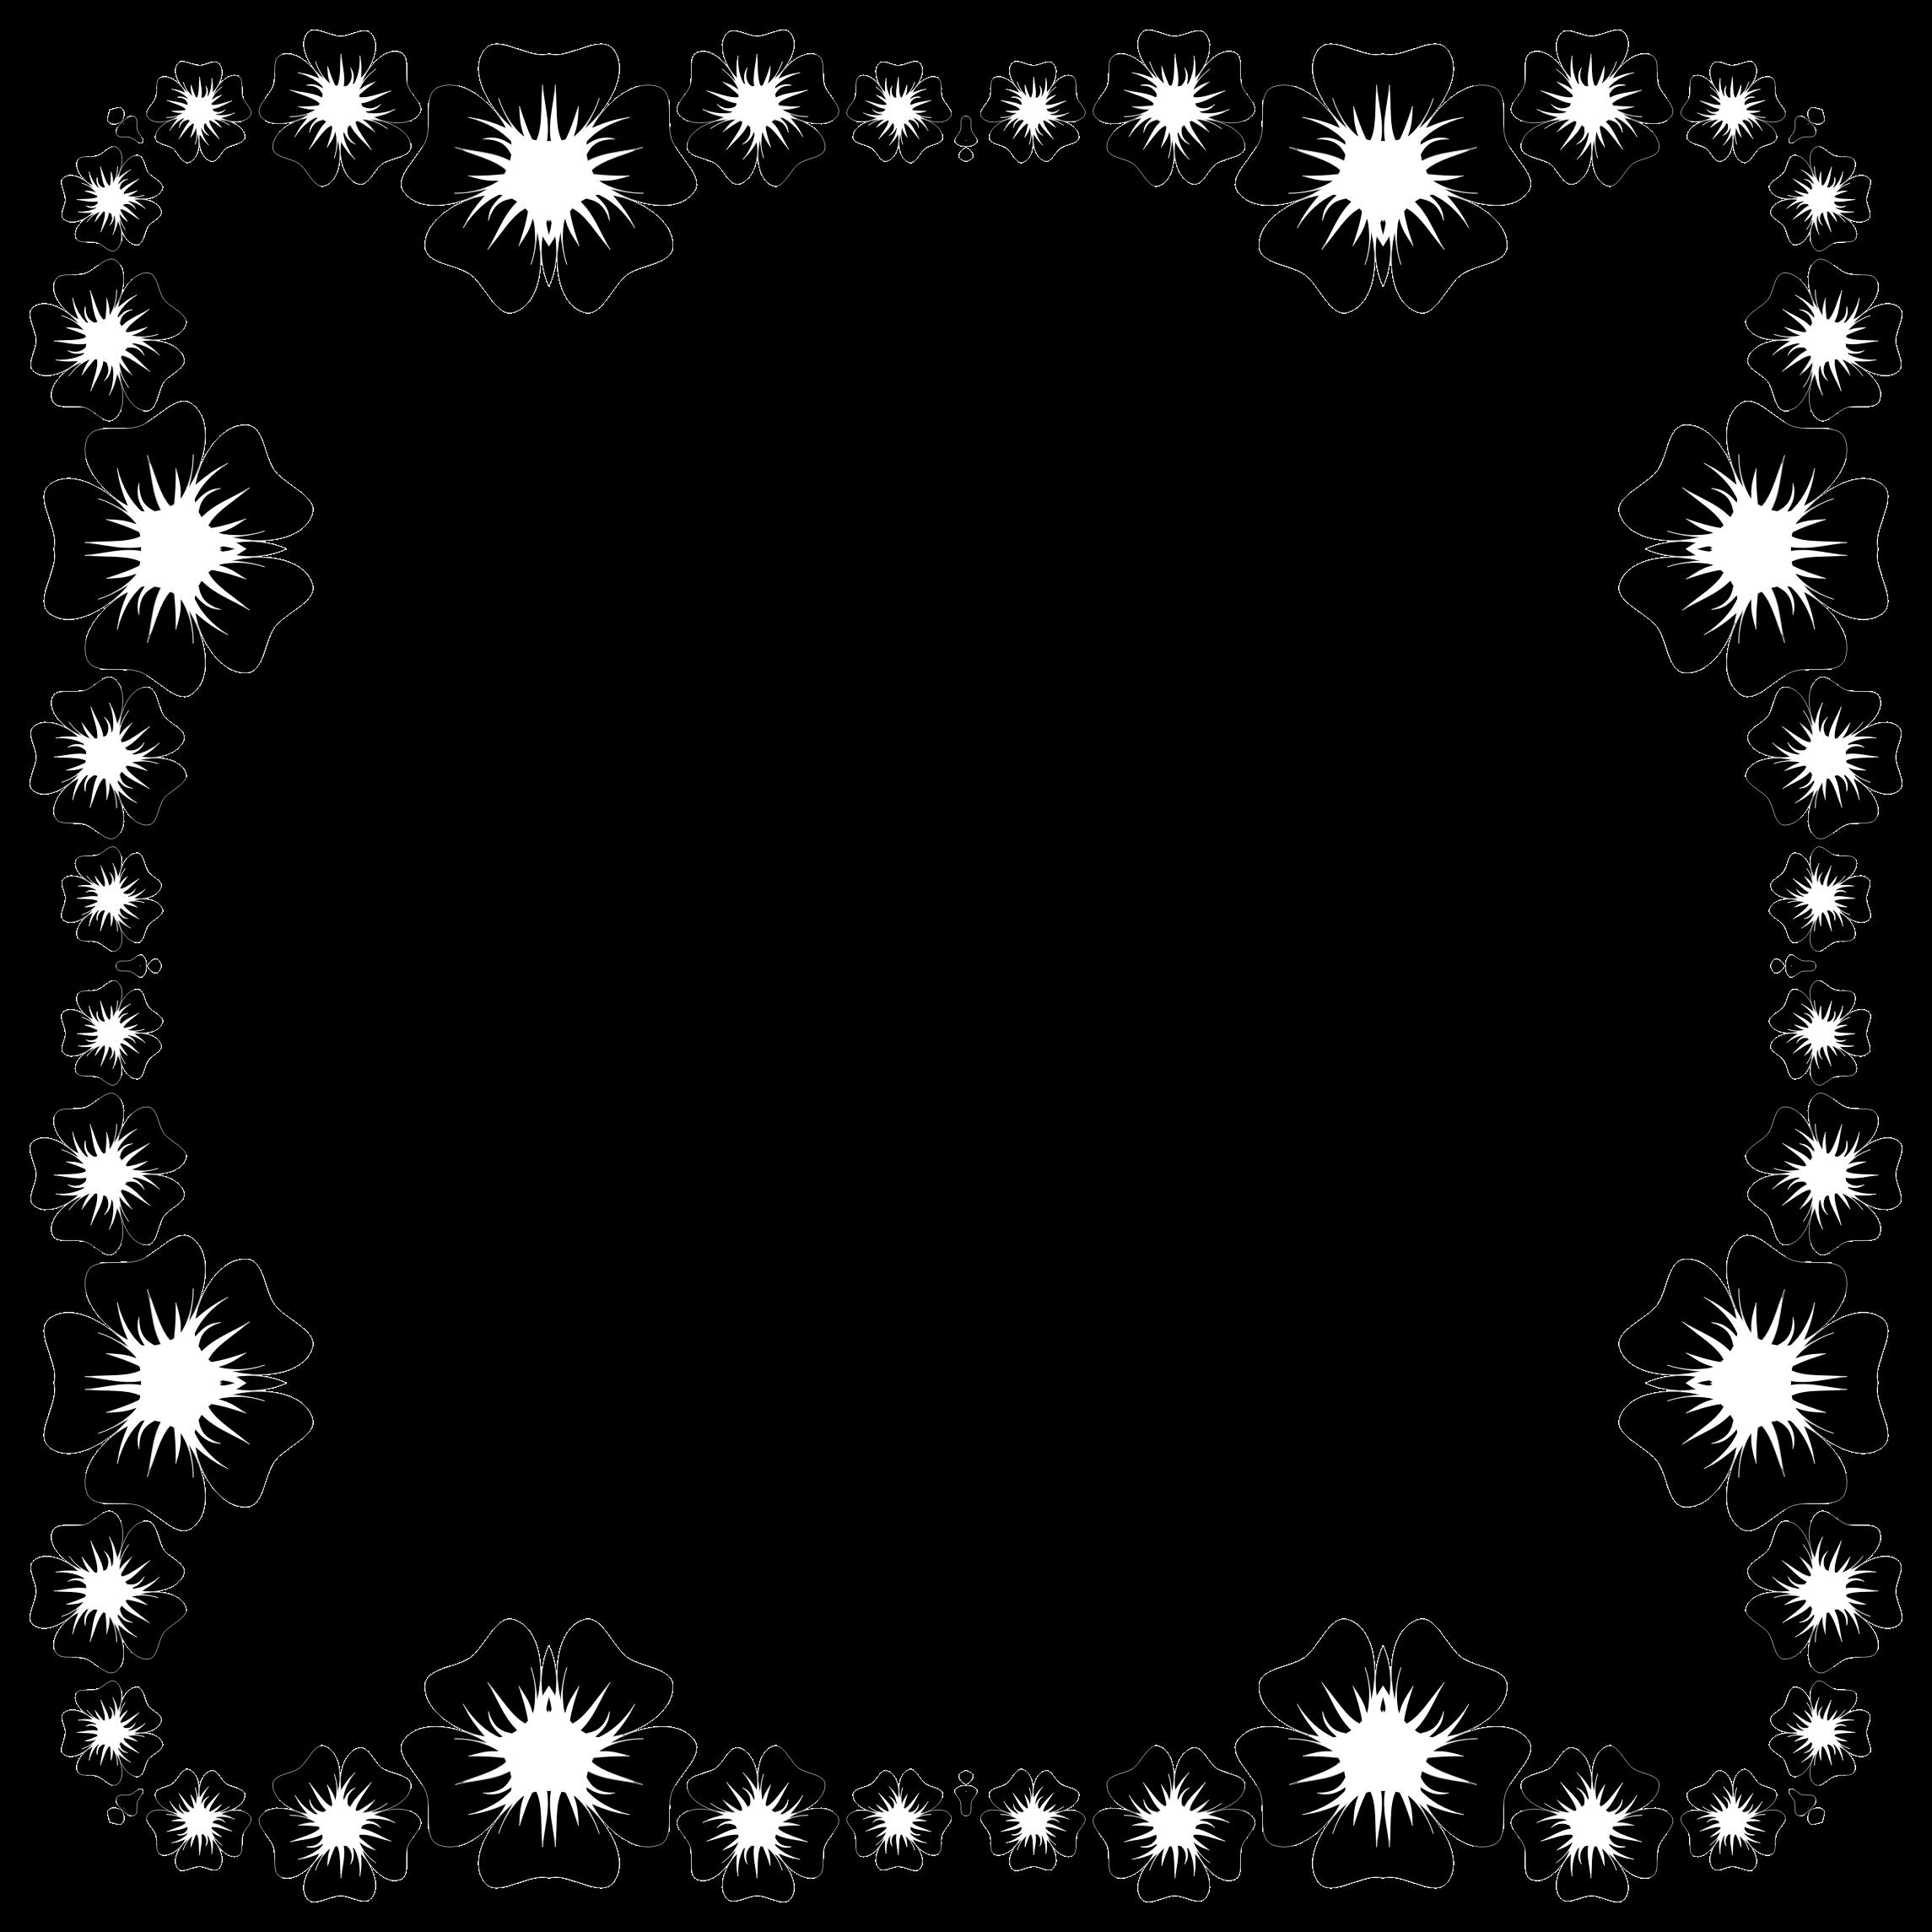 Flower frame clipart black and white image stock Clipart - Flower Frame Extrapolated 3 image stock